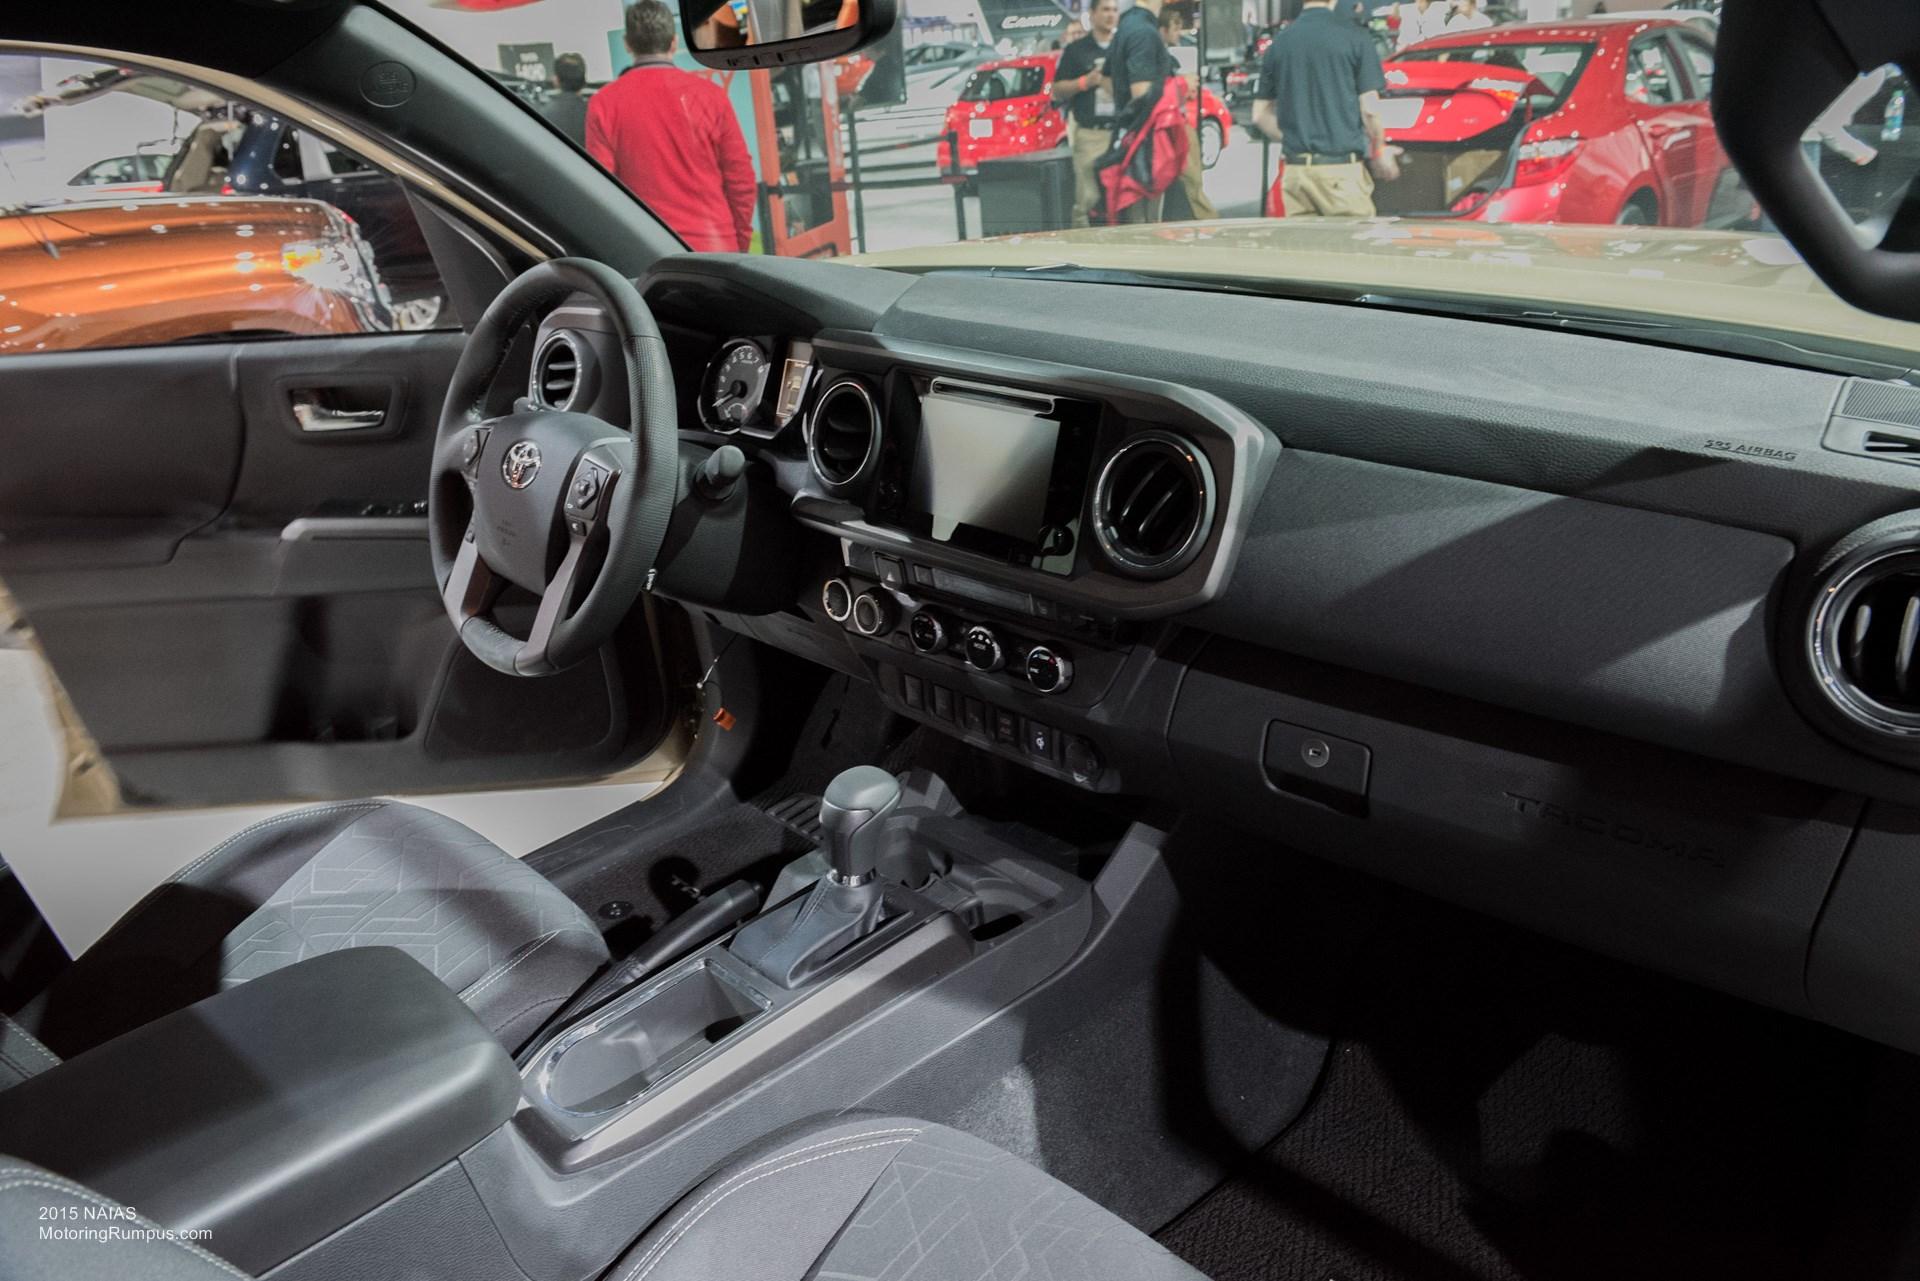 2015 NAIAS   2016 Toyota Tacoma Interior